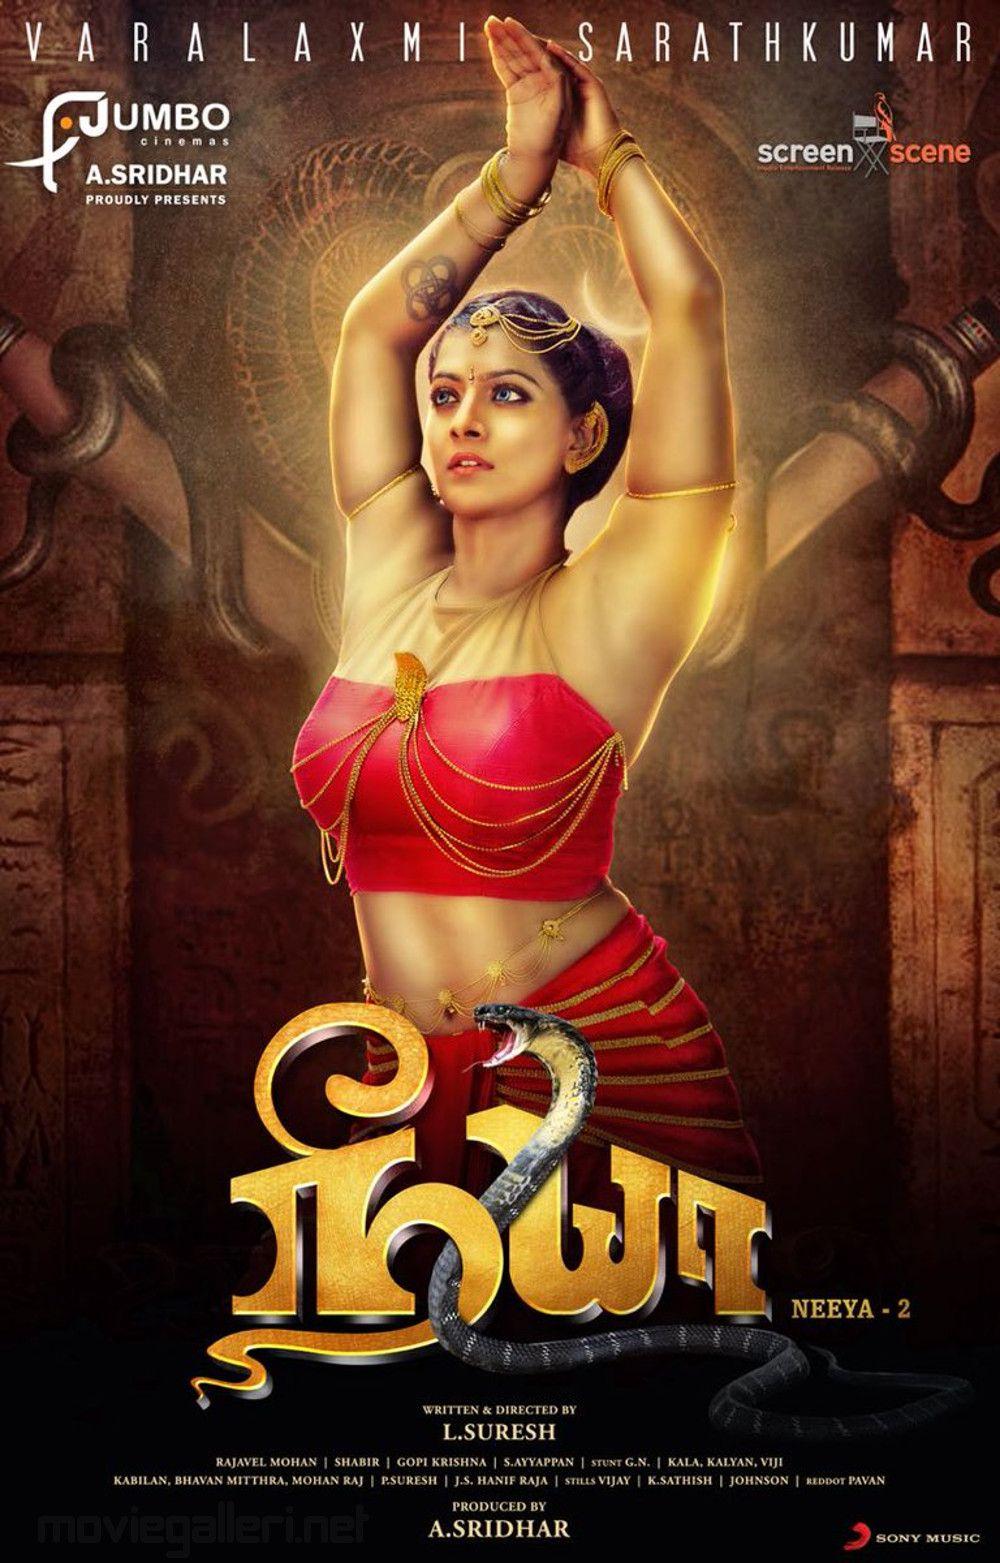 Neeya 2 Movie Poster Tamil Movies 2 Movie South Indian Film